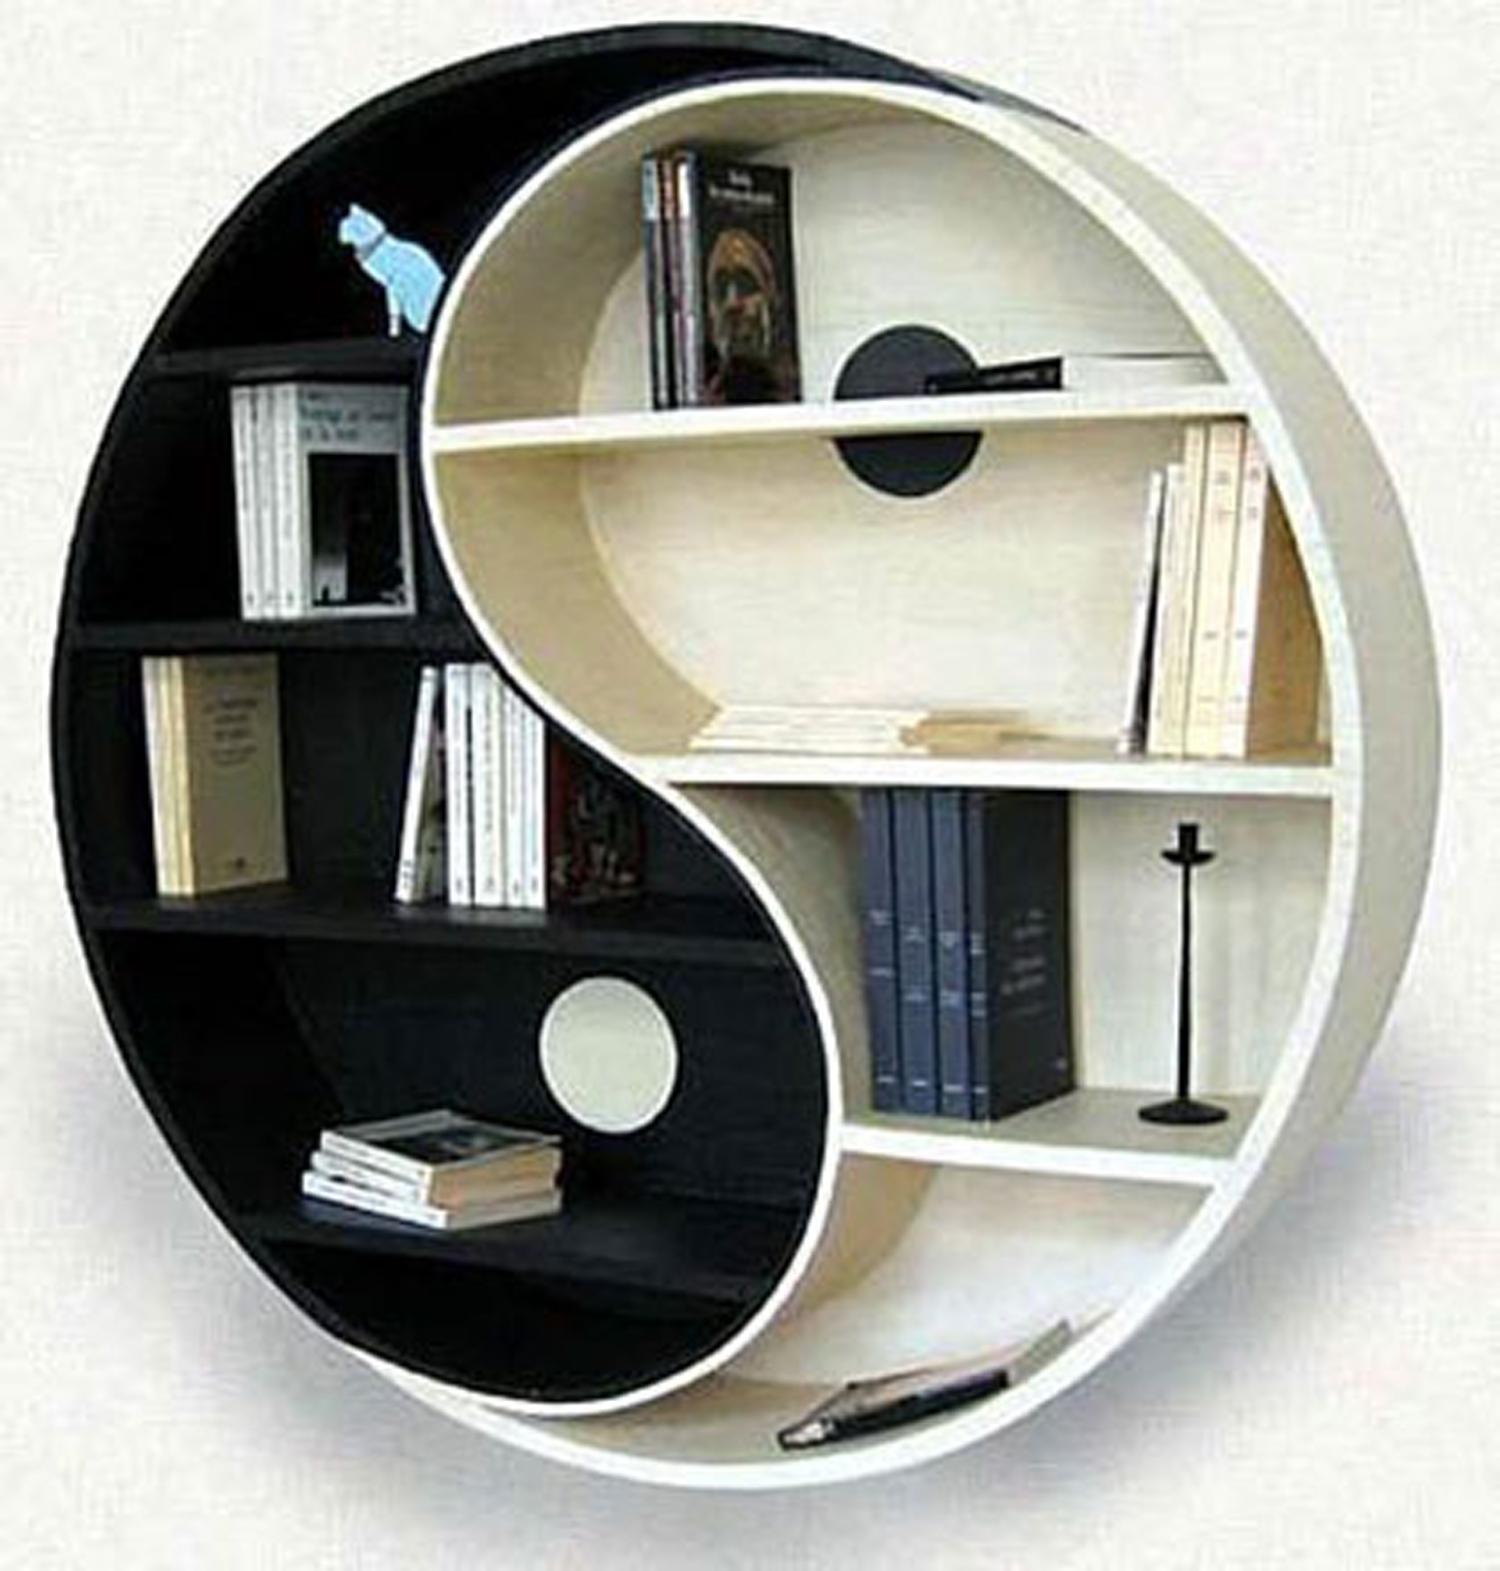 Βιβλιοθήκη Ying Yang